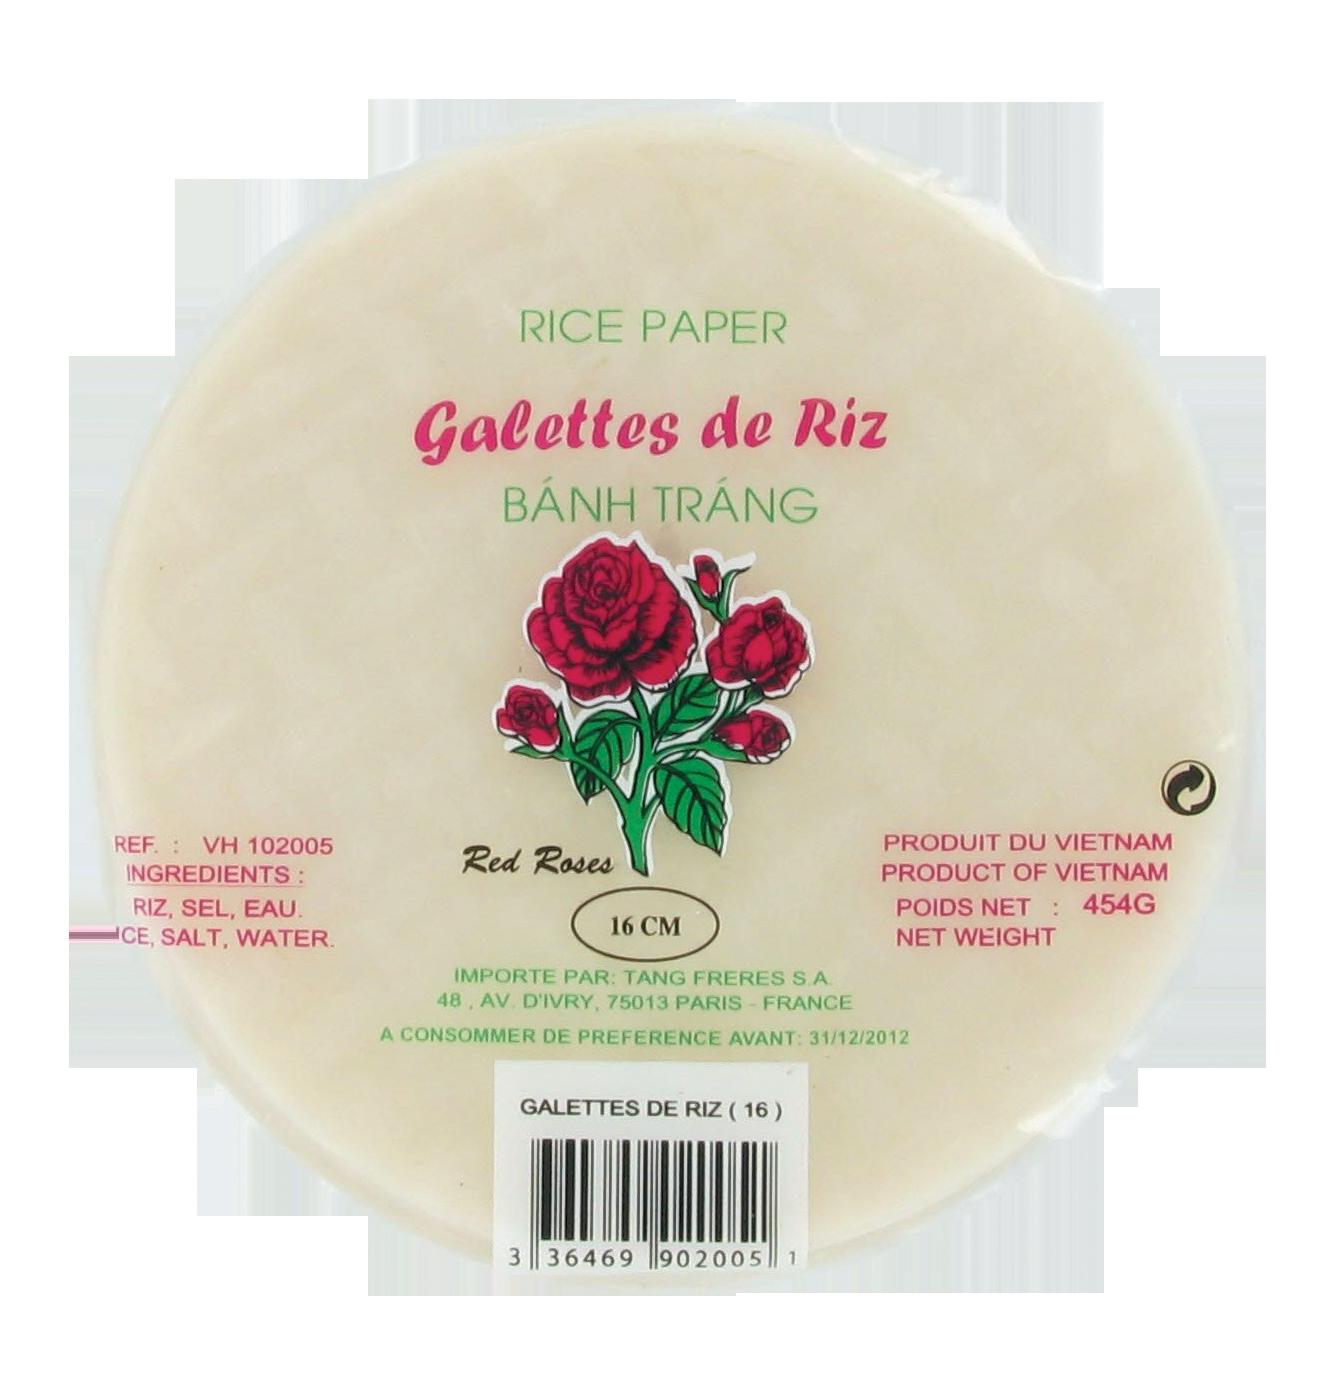 Galettes ou feuilles de riz 16cm 454g